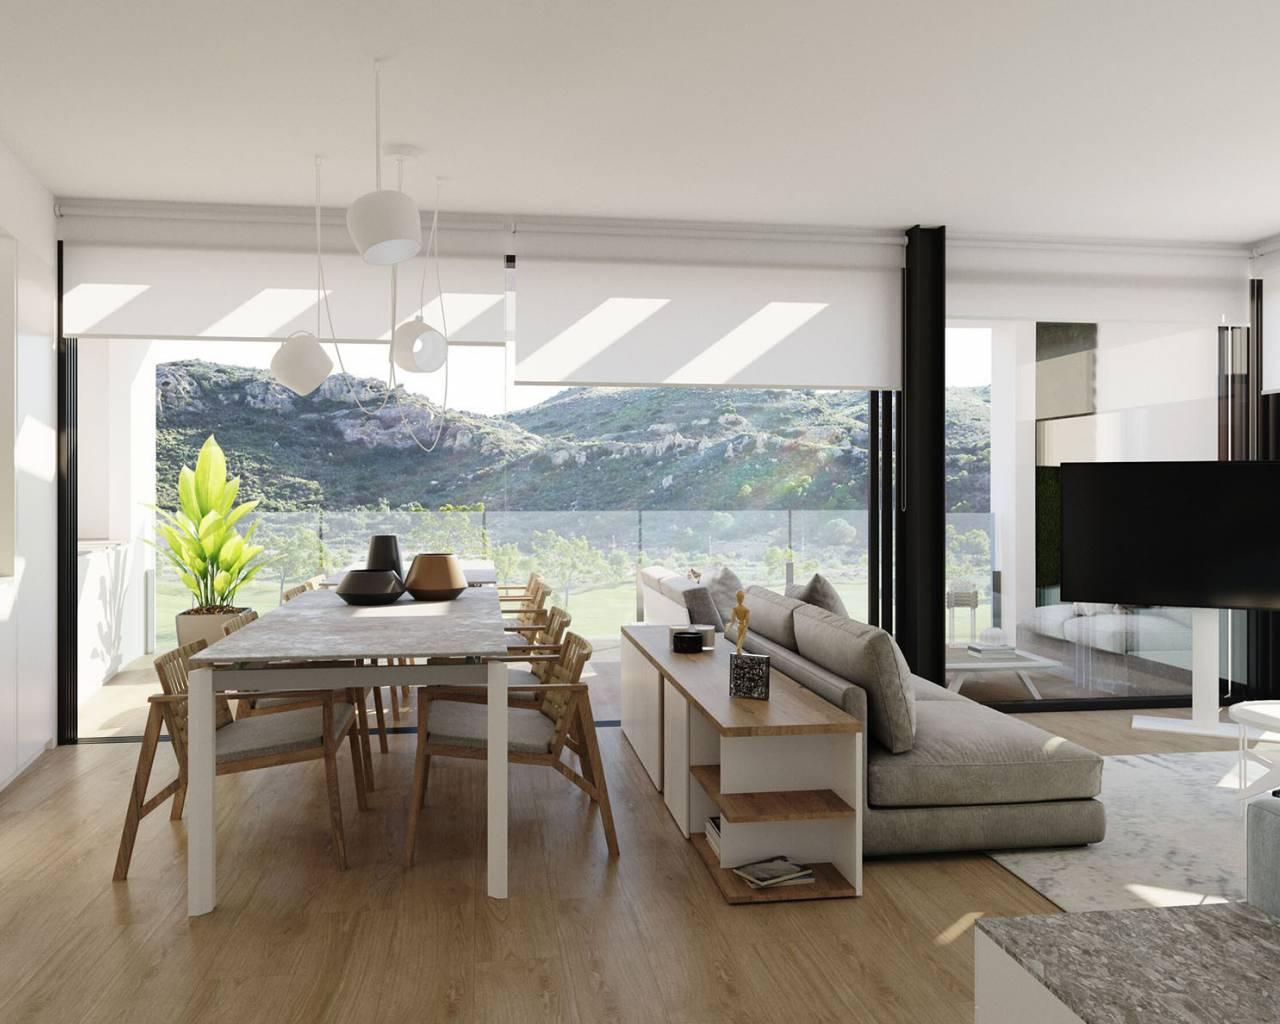 nieuwbouw-appartement-montforte-del-cid-font-del-llop_3129_xl